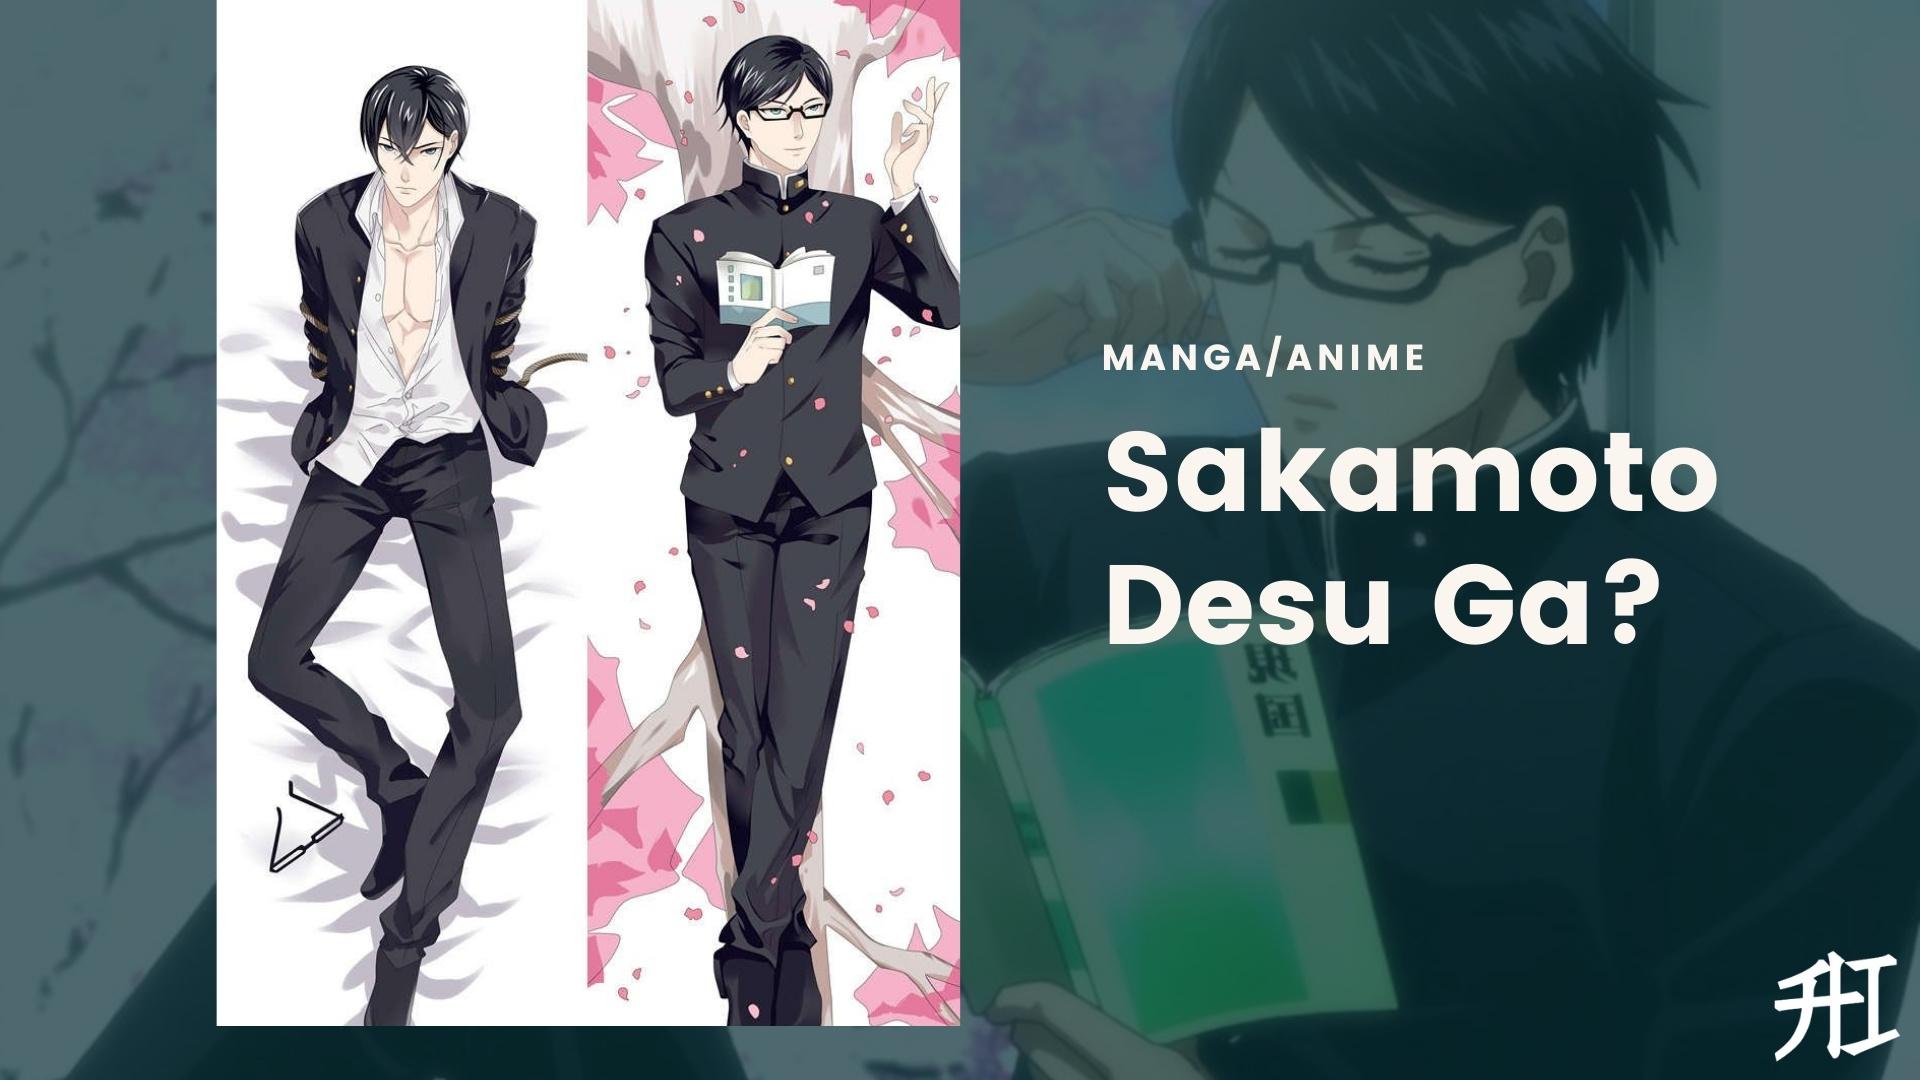 Anime like Way of the HouseHusband